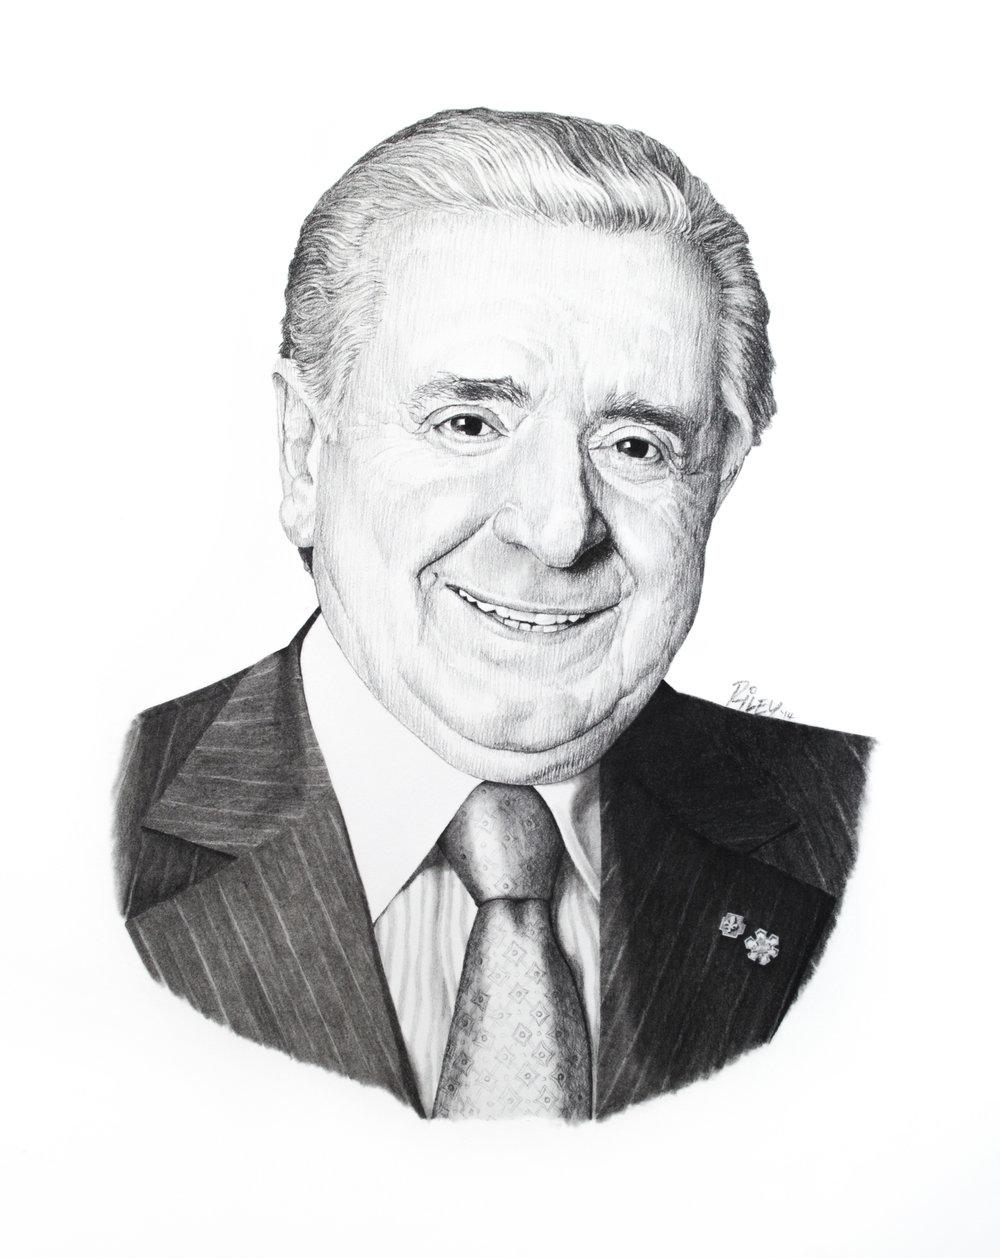 Lino Saputo